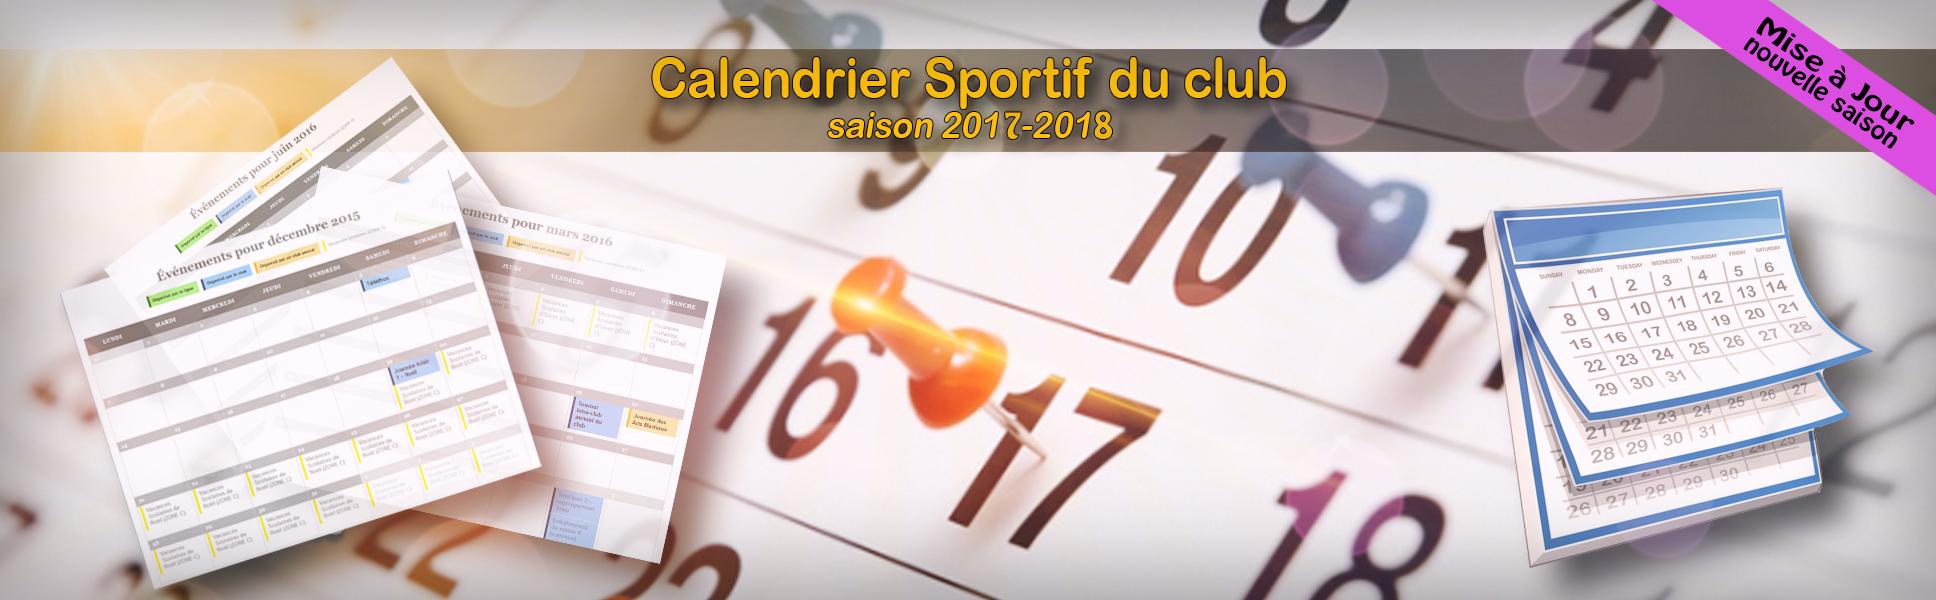 Calendrier-Sportif-2017-2018